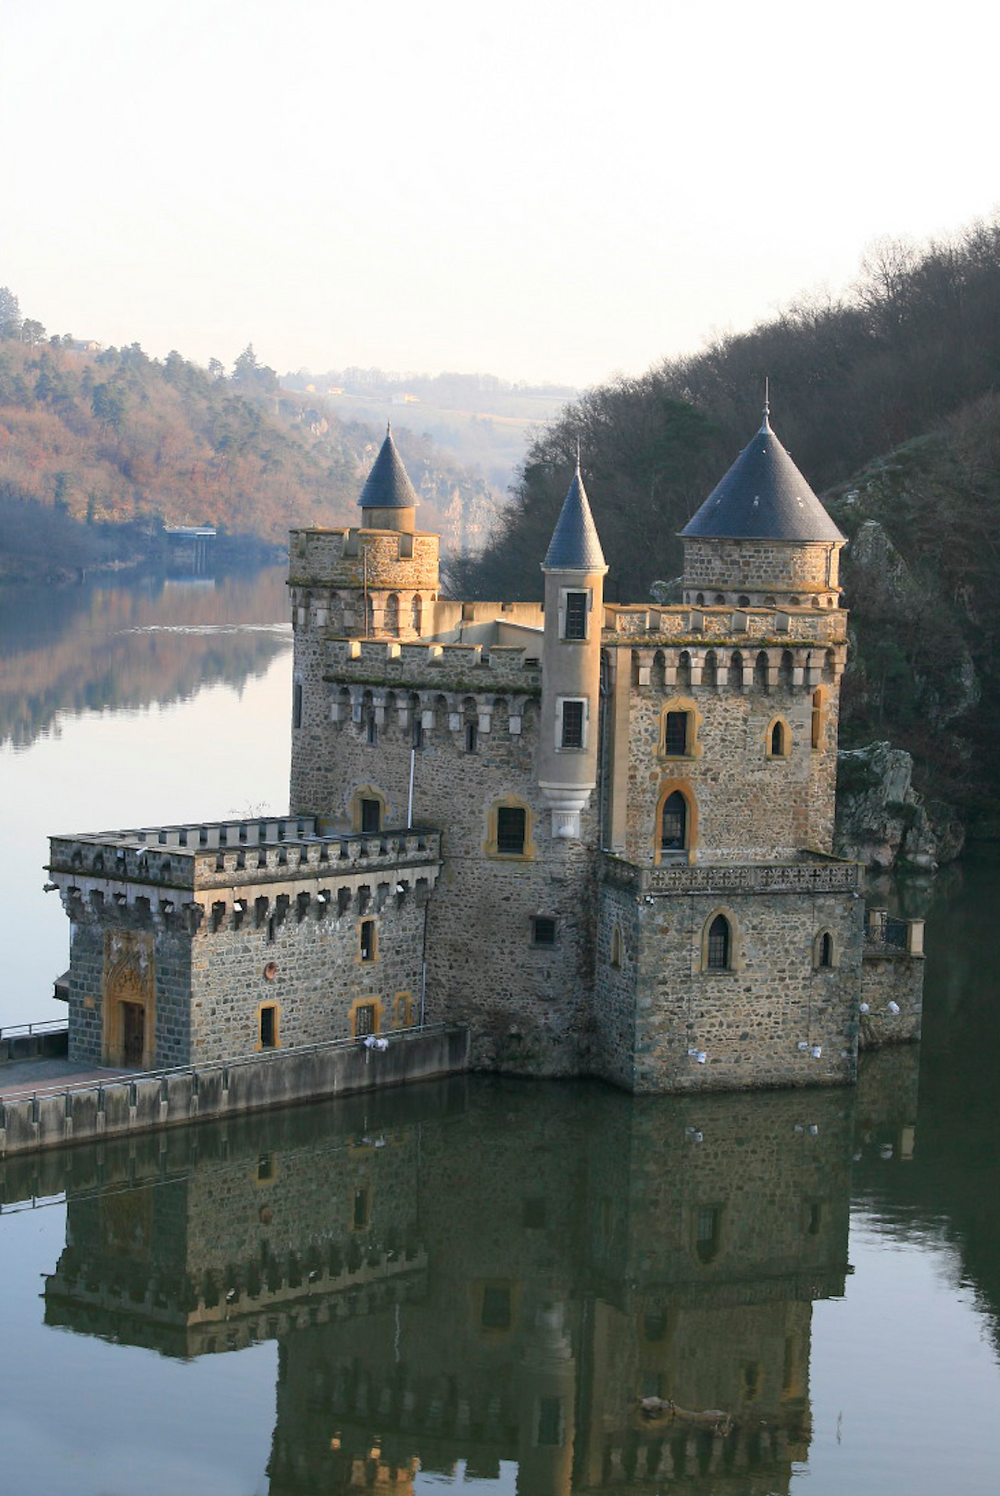 Le Château de la Roche plus beau lieu à visiter tourisme dans la région Auvergne-Rhône-Alpes